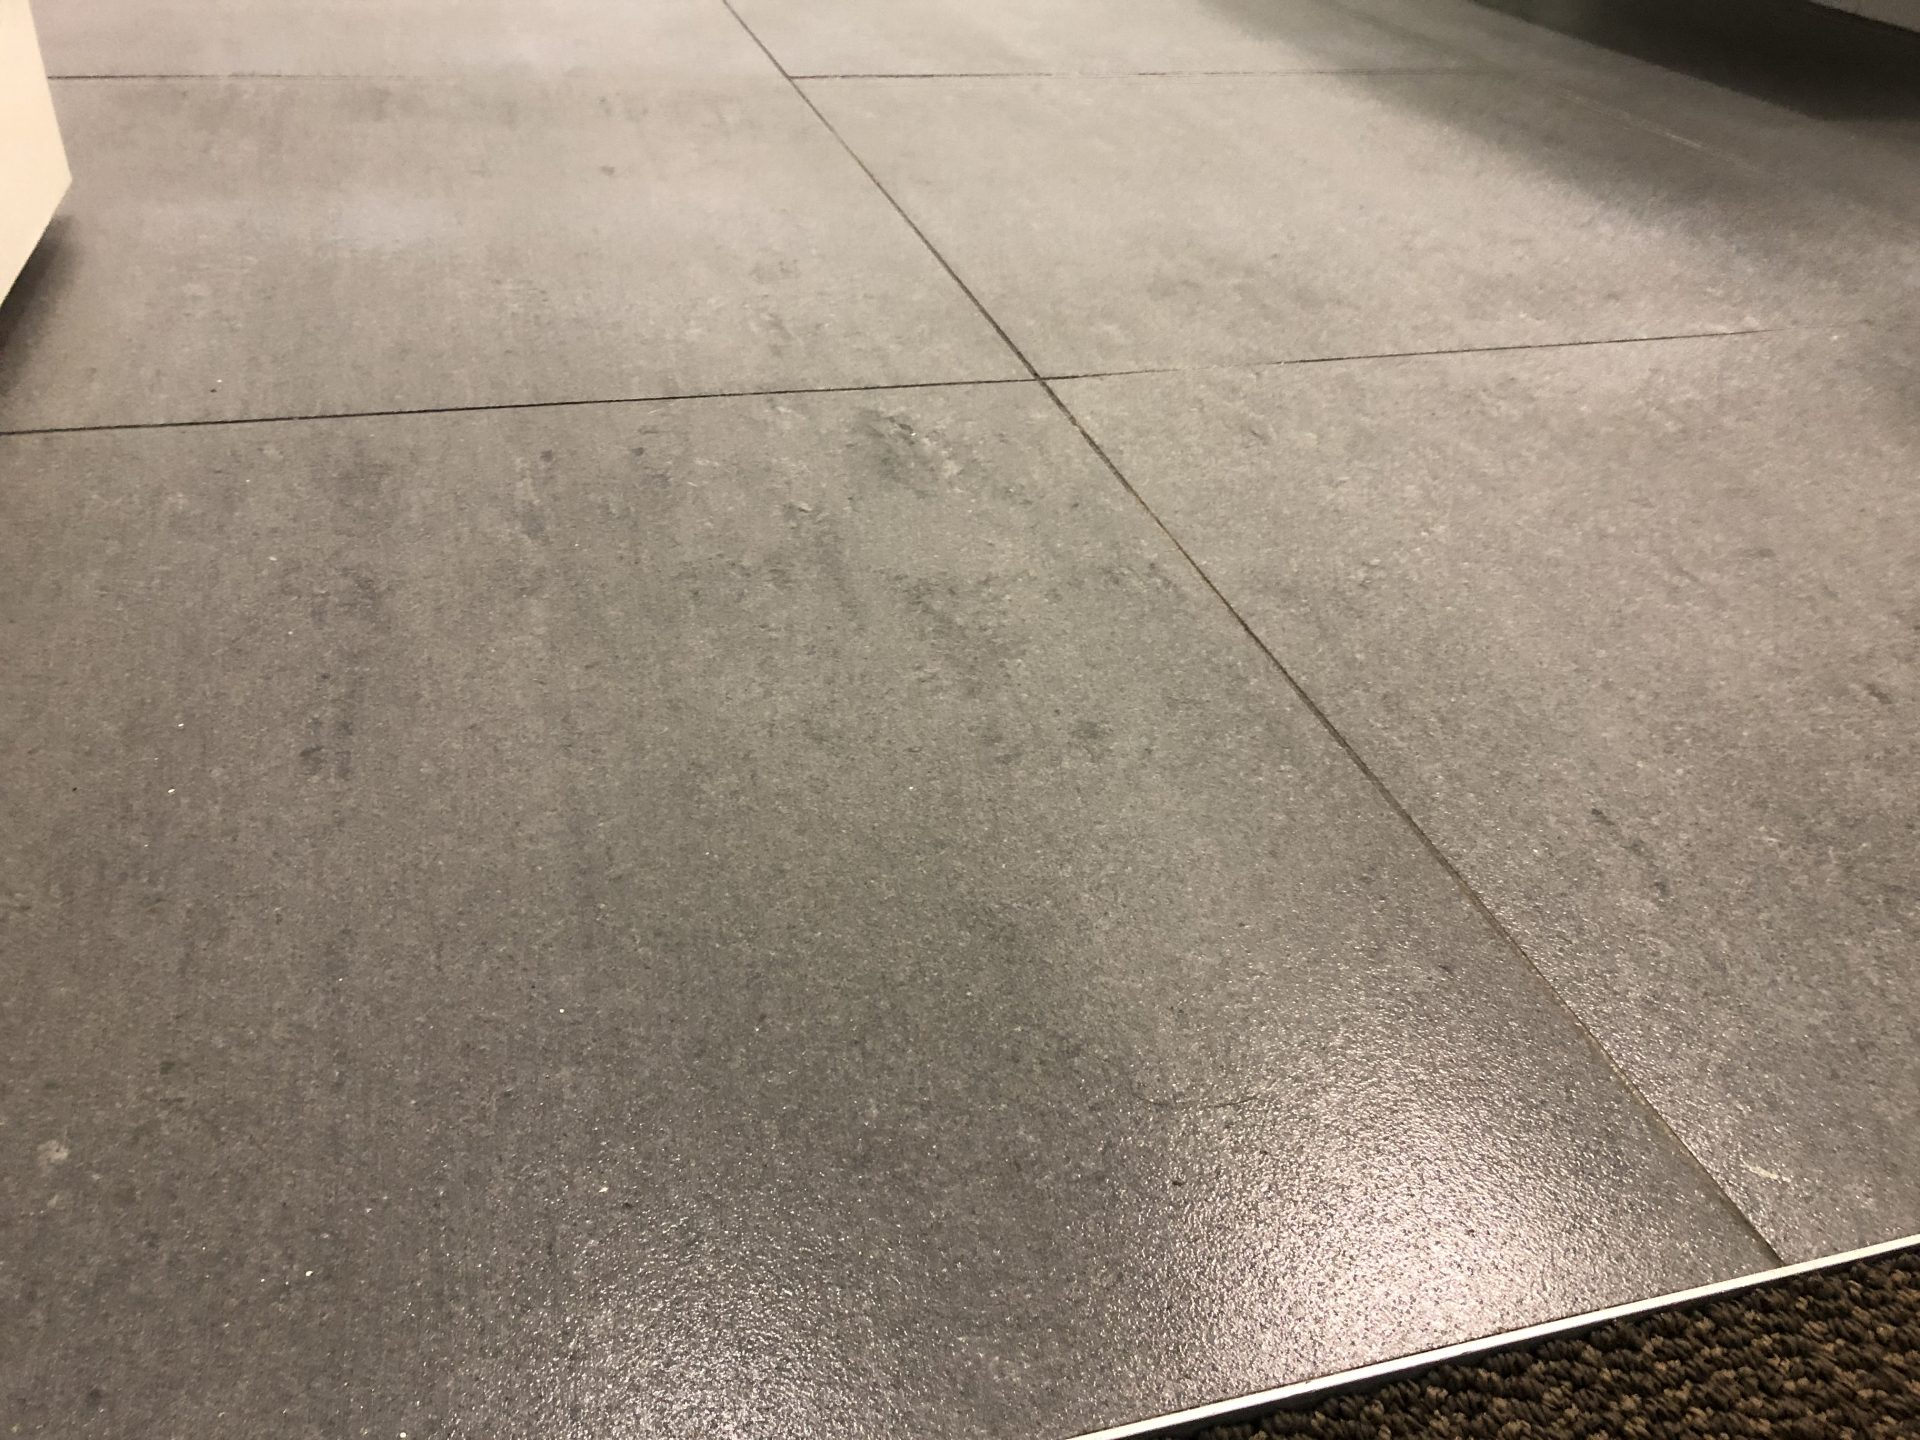 non-slip coating